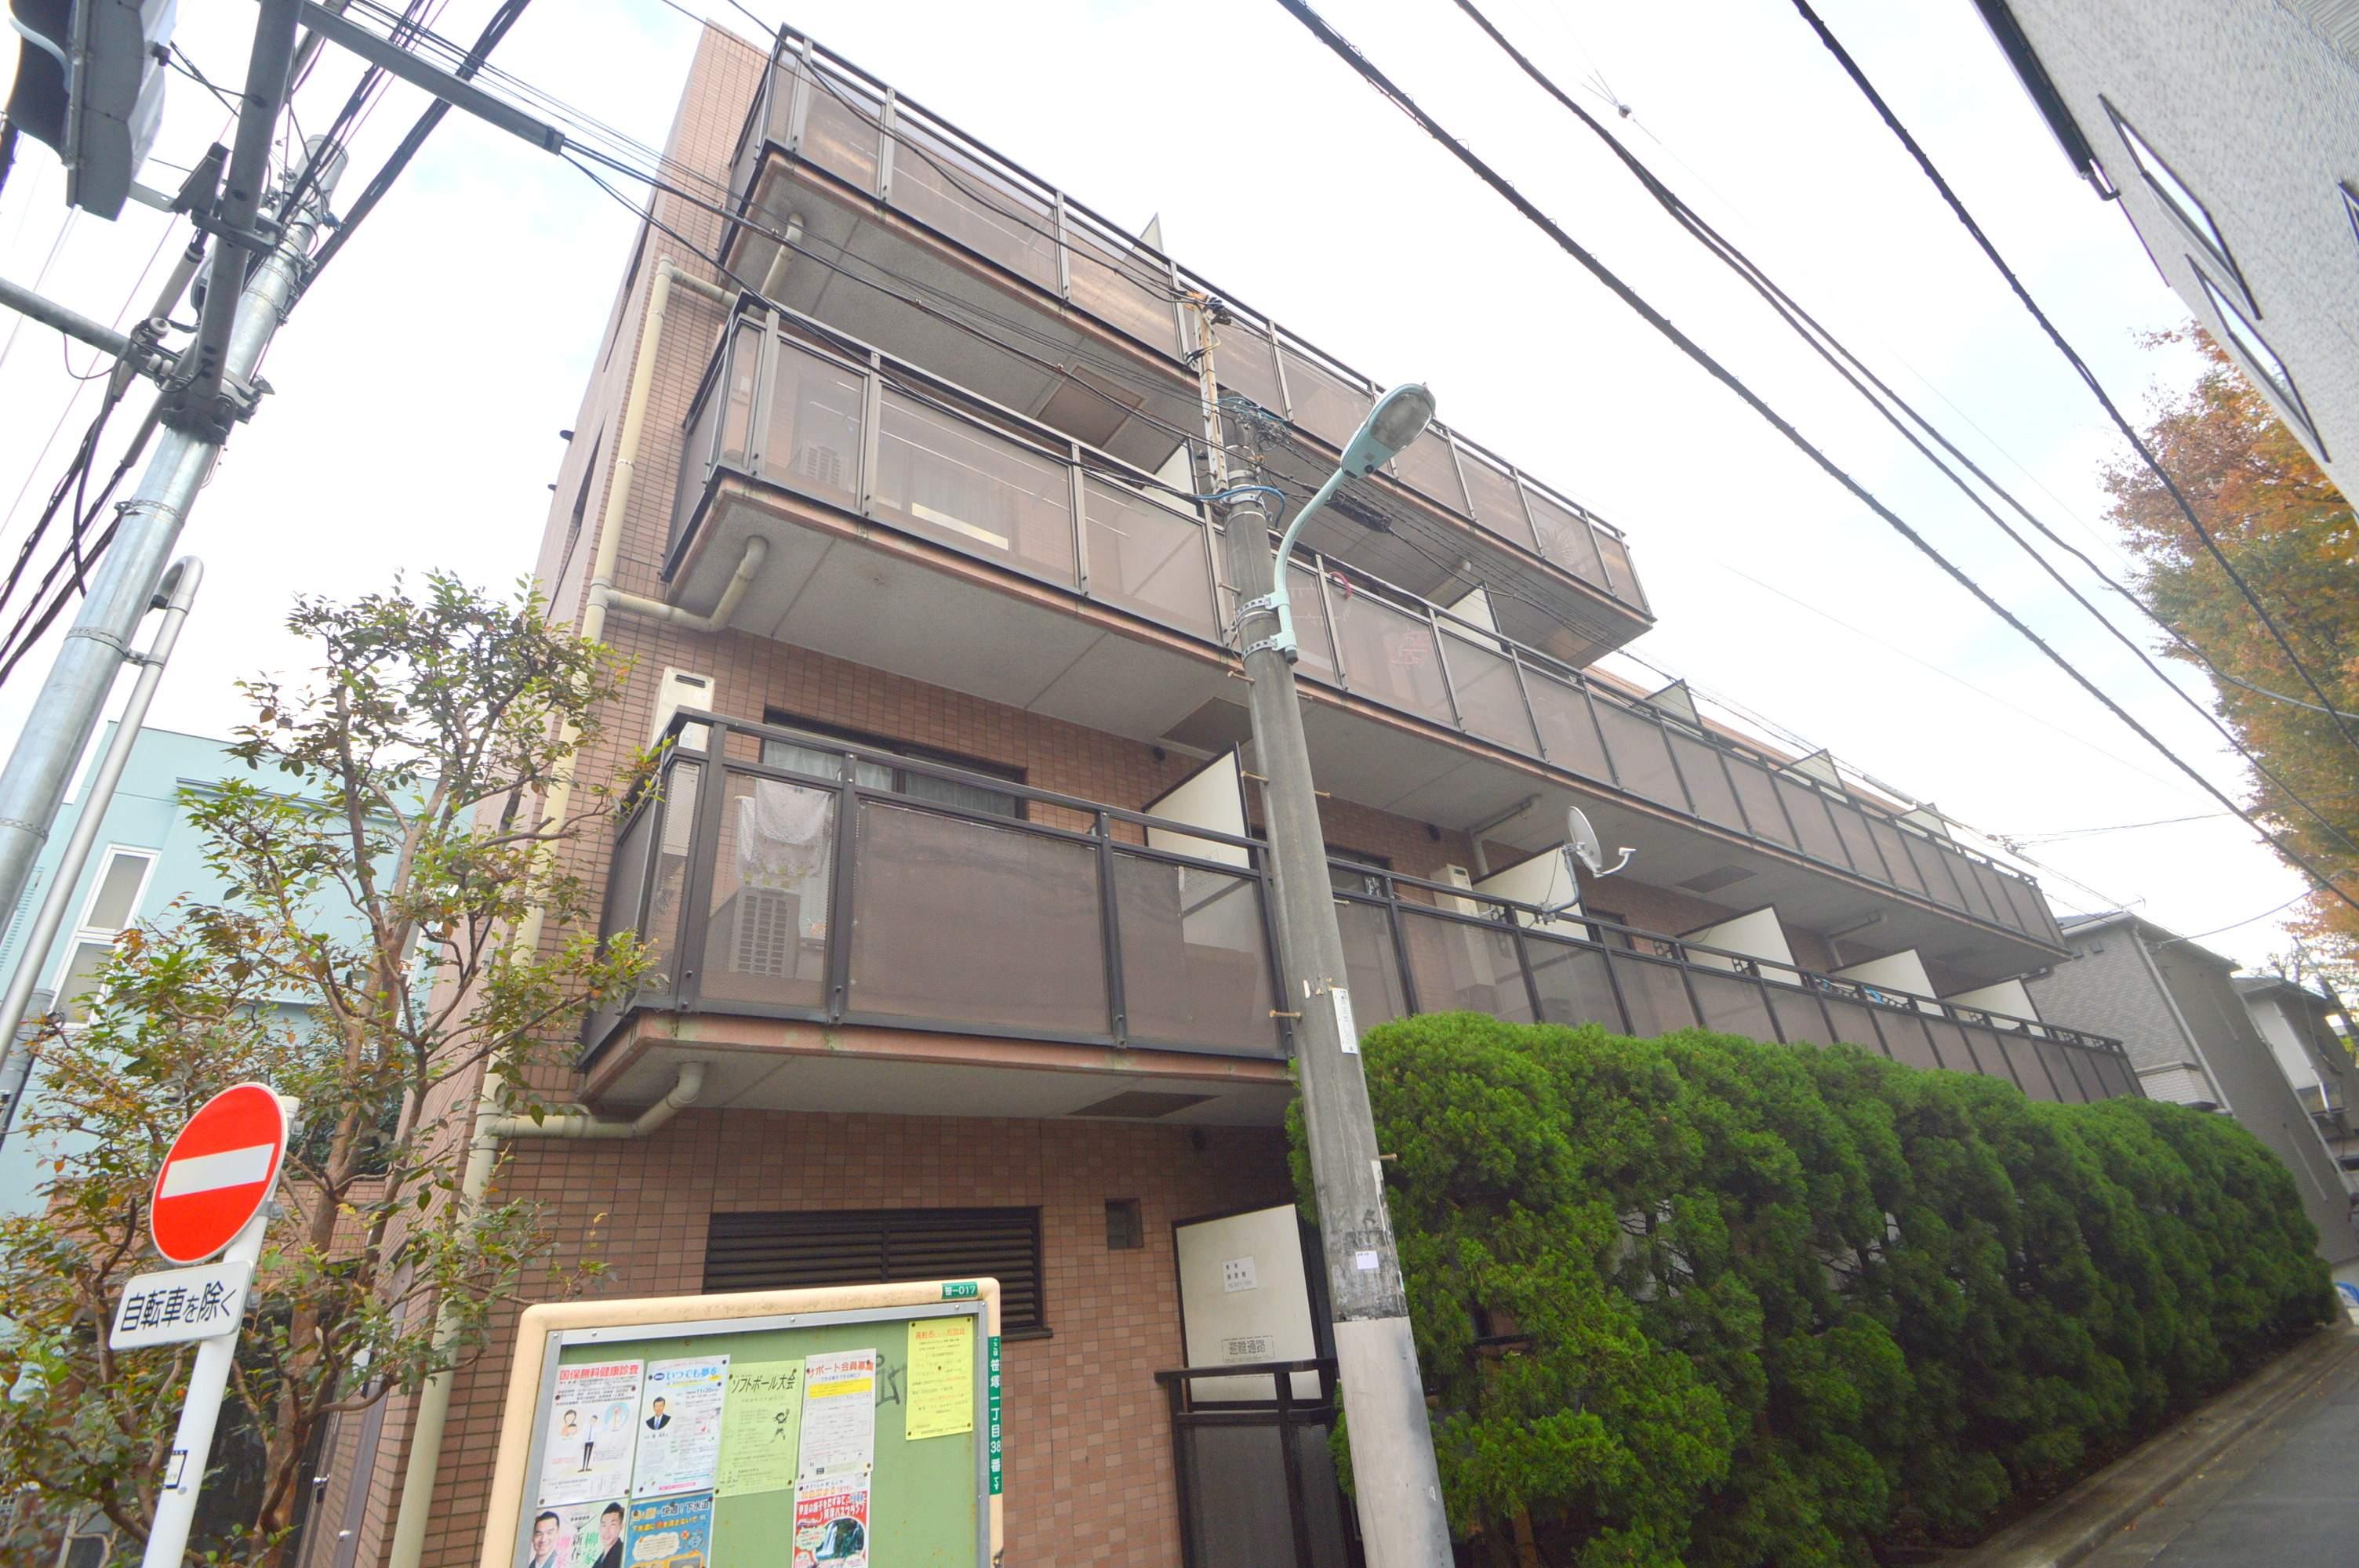 東京都渋谷区、幡ヶ谷駅徒歩15分の築21年 4階建の賃貸マンション